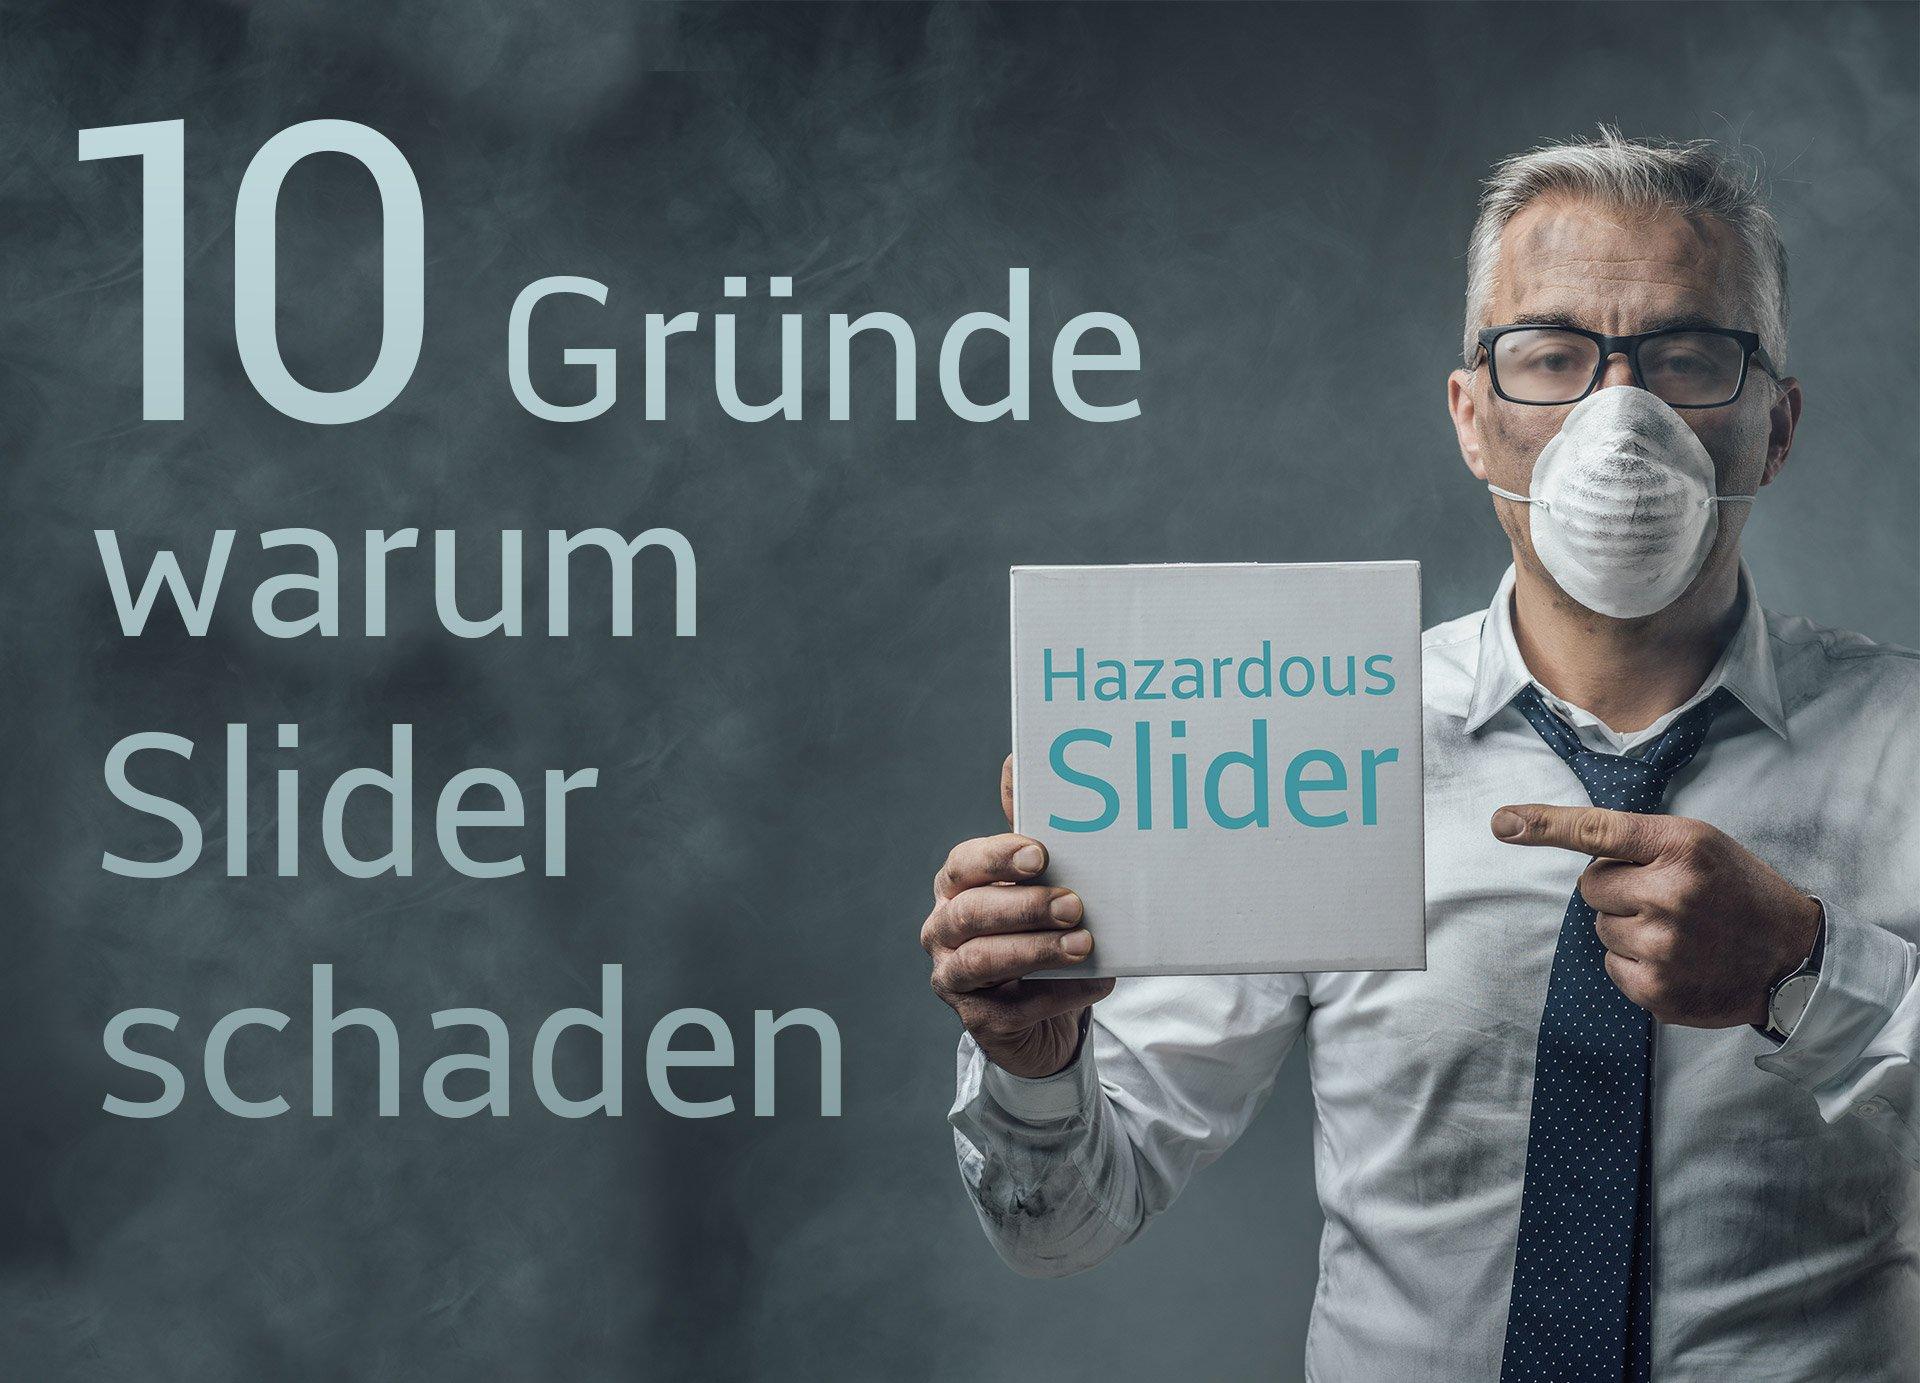 10 Gründe warum Website Slider mehr schaden als nutzen